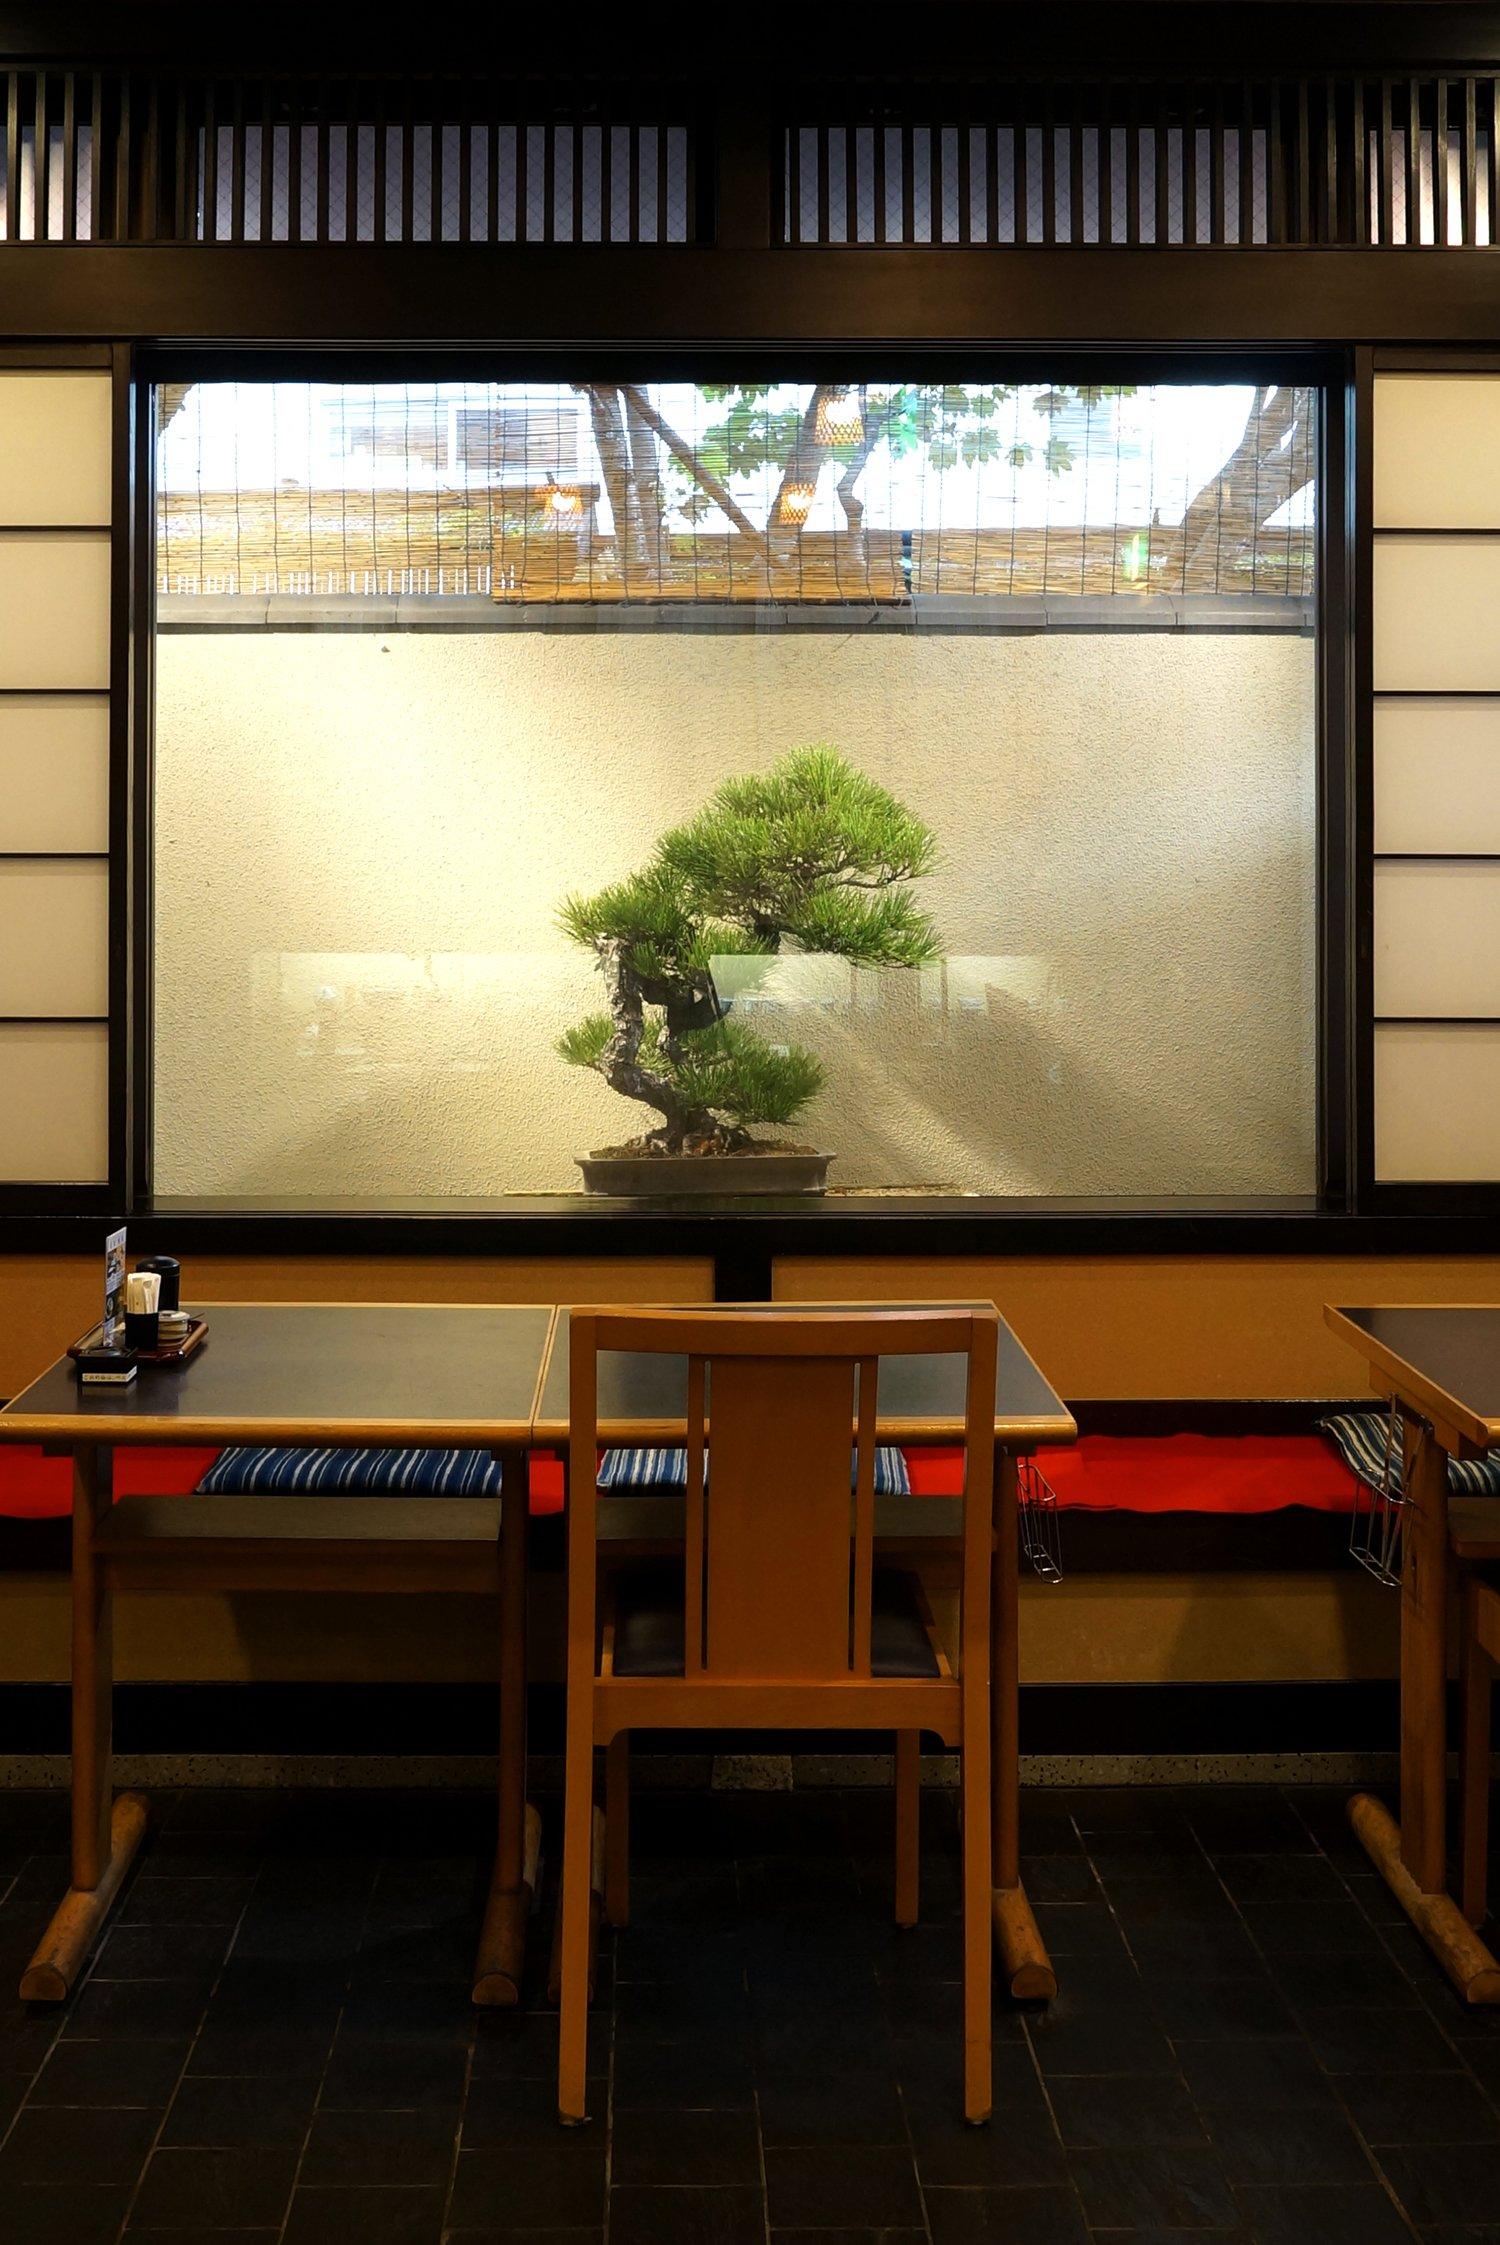 この日の盆栽は松。店内にいても季節を感じる。